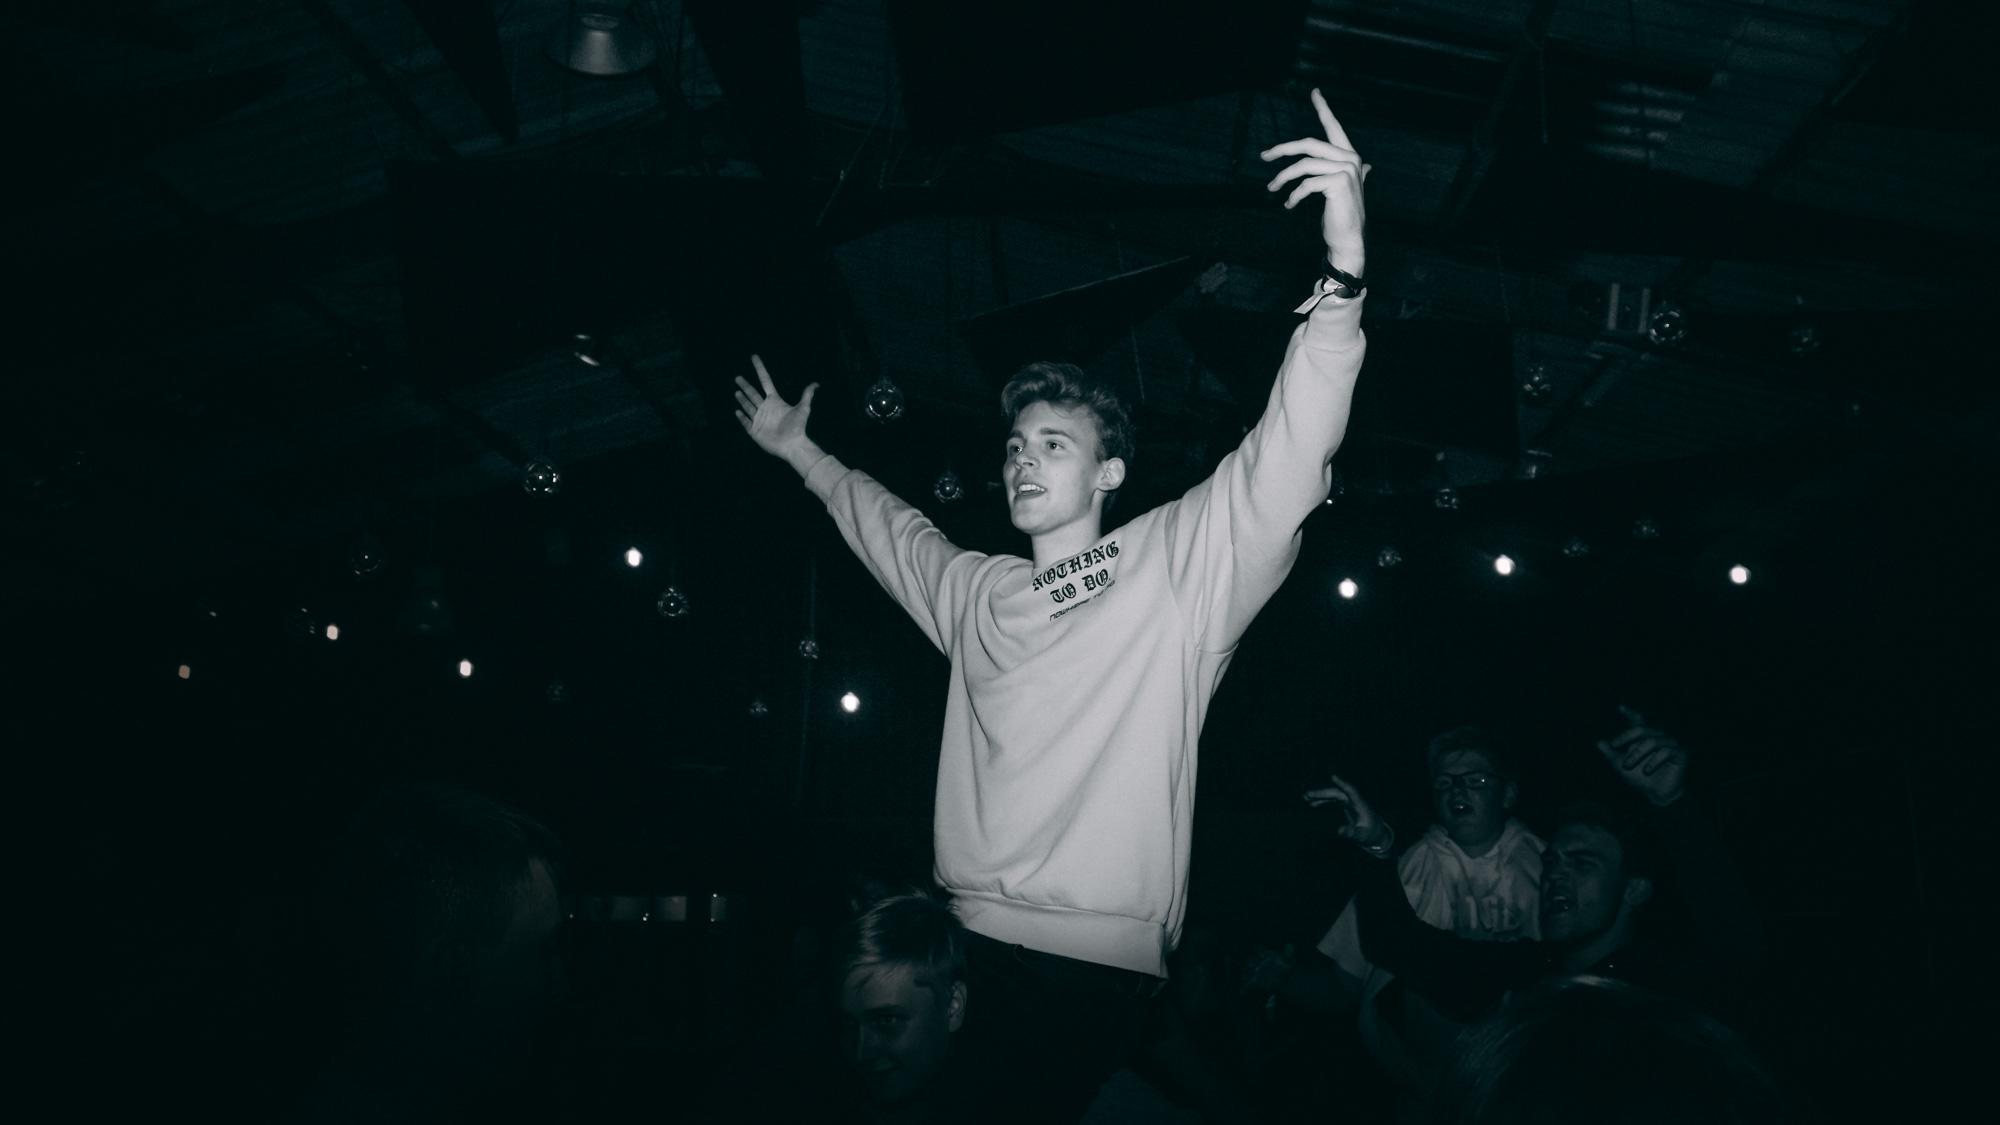 Deltamination Junge mit ausgestreckten Armen auf Party